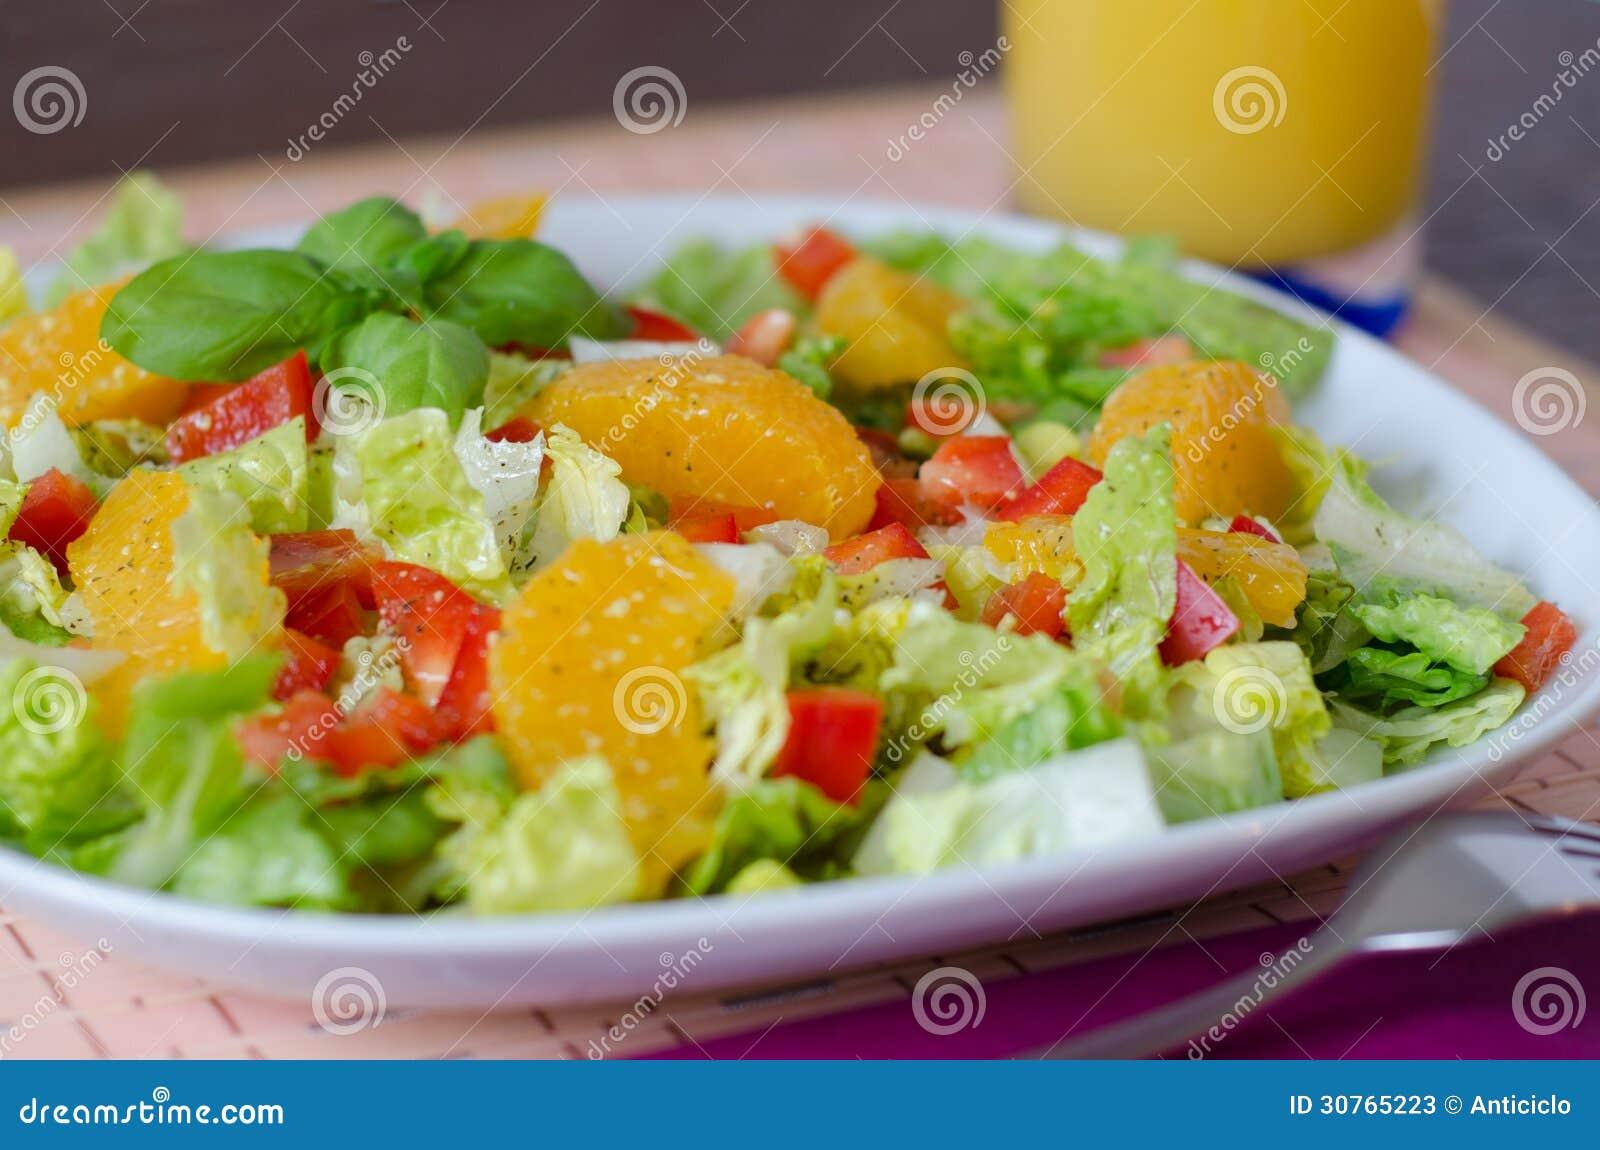 Salade verte avec le poivron rouge et l 39 orange fra che photos stock image 30765223 - Salade verte calorie ...